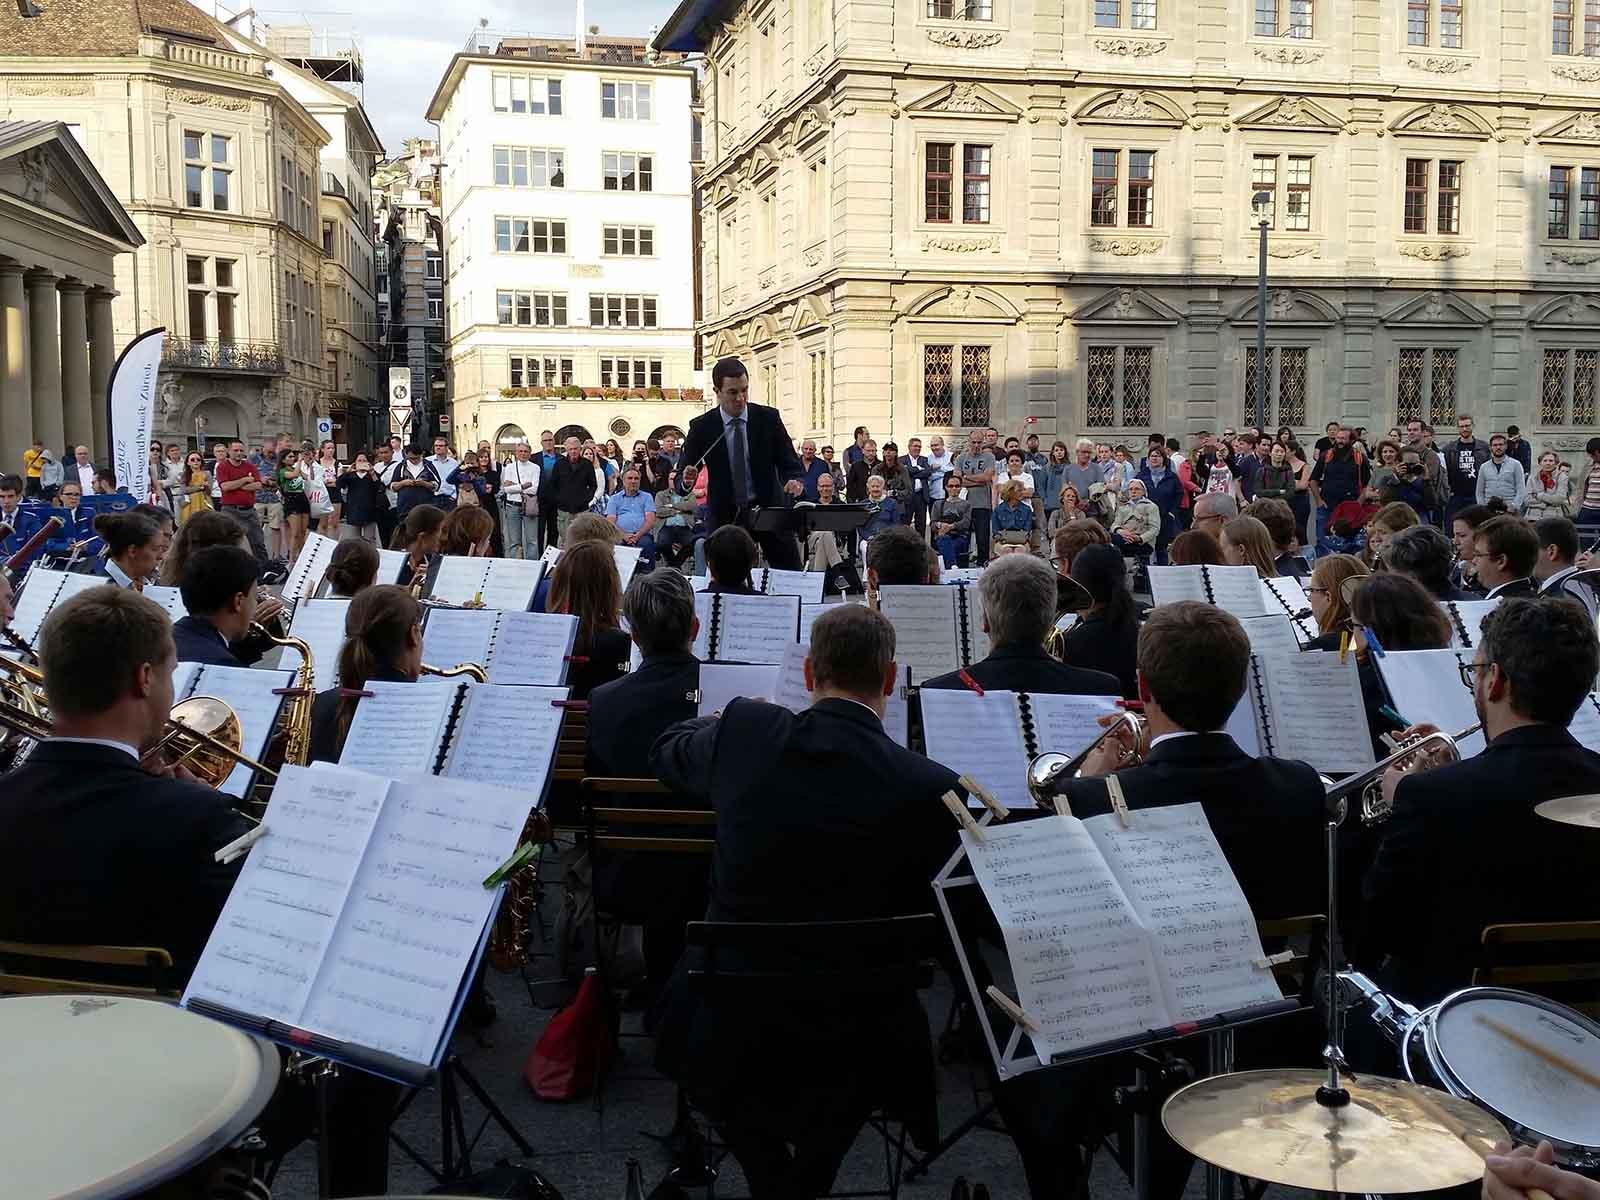 Der Musikverein Zürich-Höngg musiziert im Herzen Zürichs.